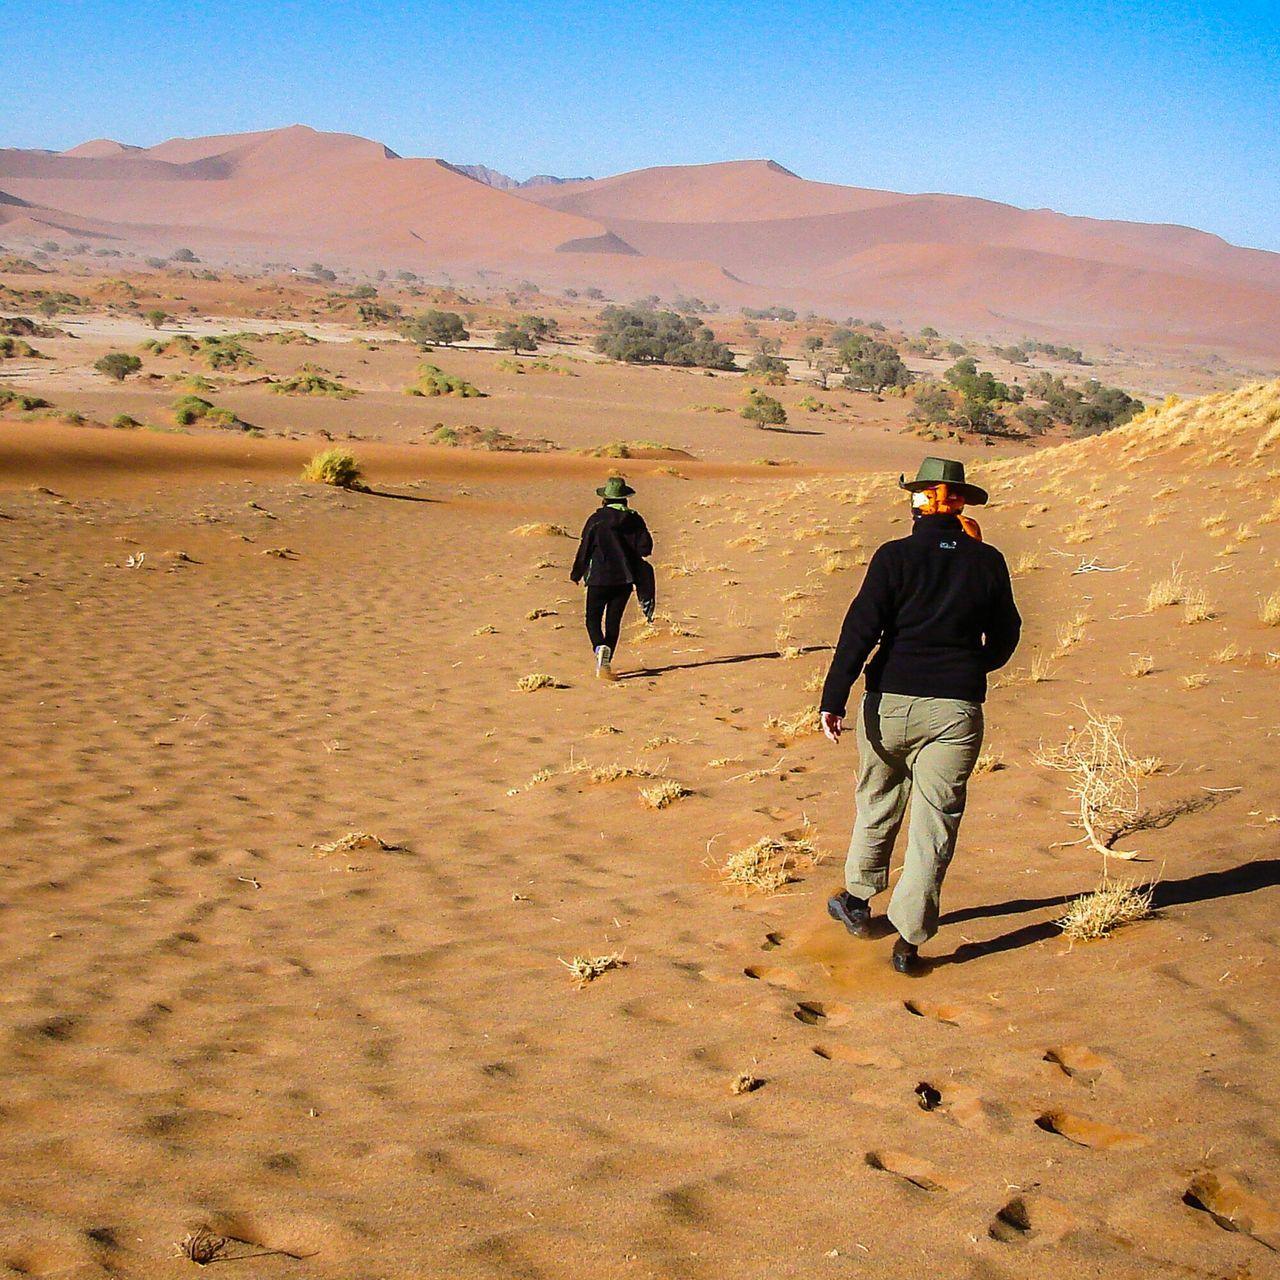 Rear View Of People Walking On Sand At Namib Desert